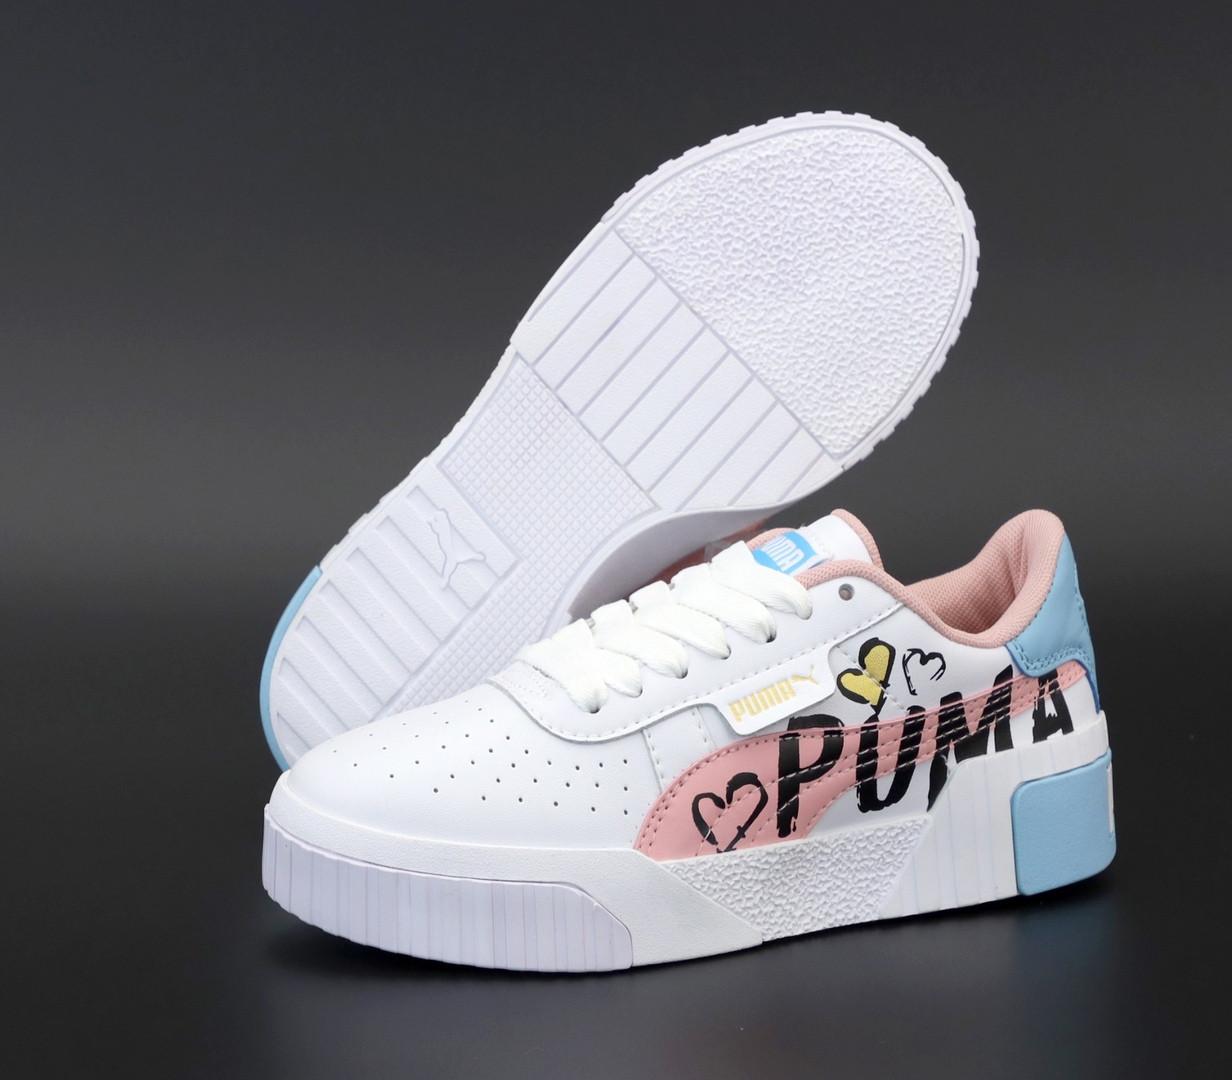 Жіночі кросівки Puma Cali. Pink. ТОП репліка ААА класу.